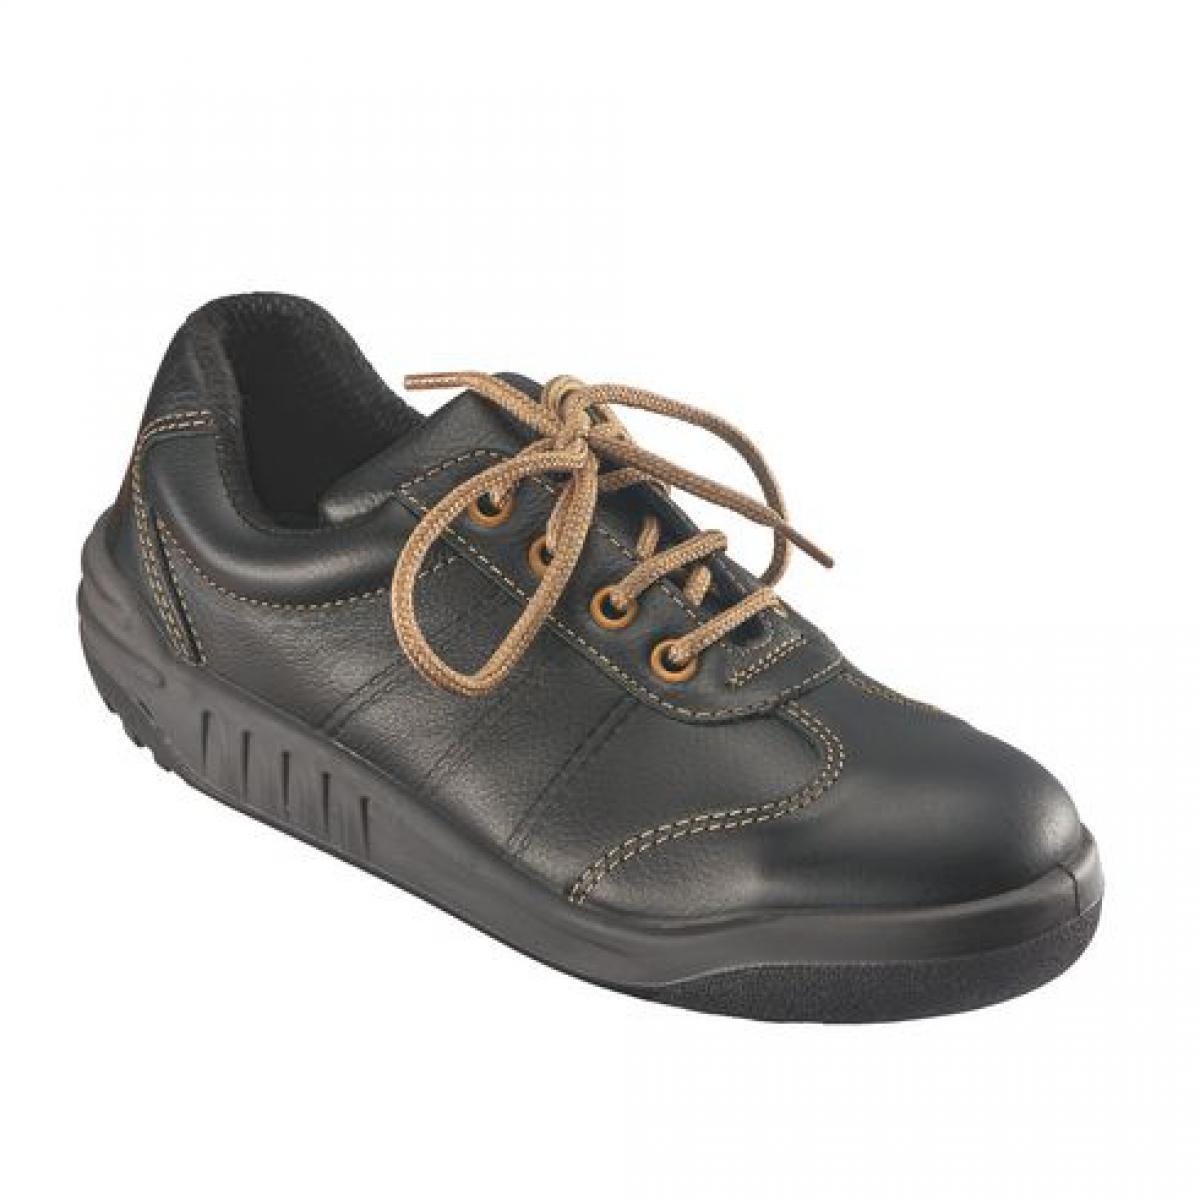 Parade Paire de chaussures basses femme Parade Josio - noir - Pointure 38